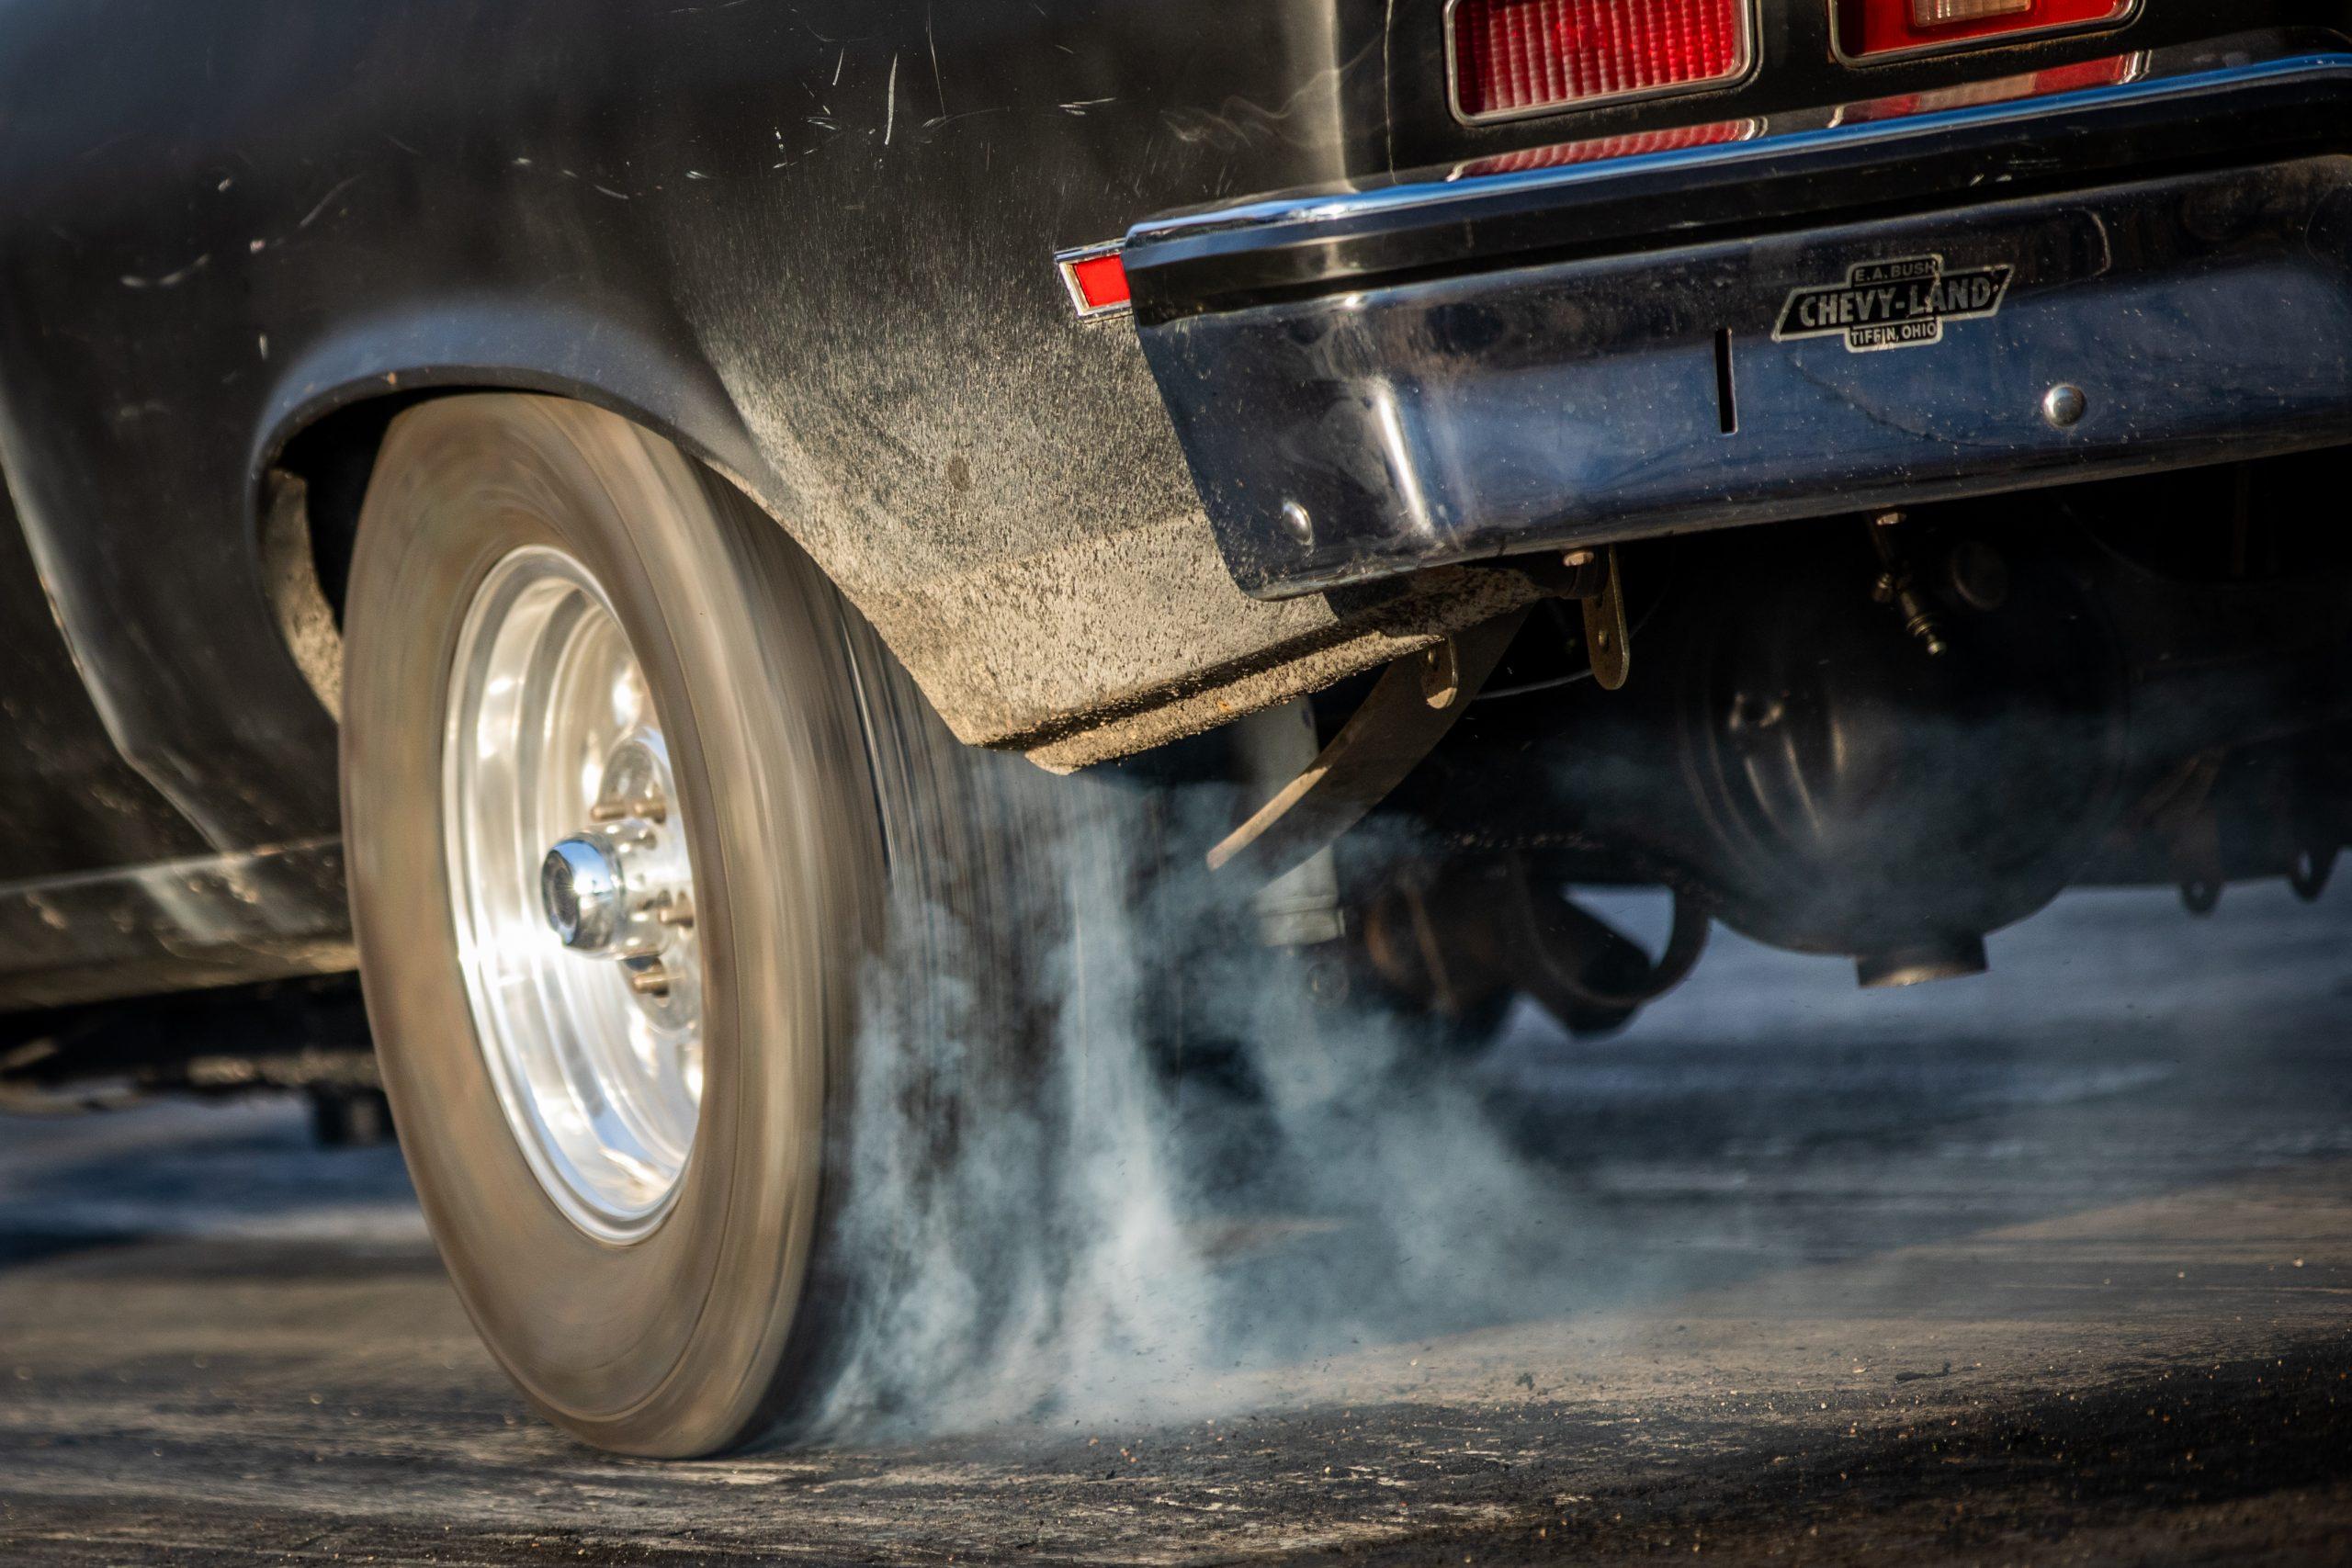 Milan Dragway tire smoke detail